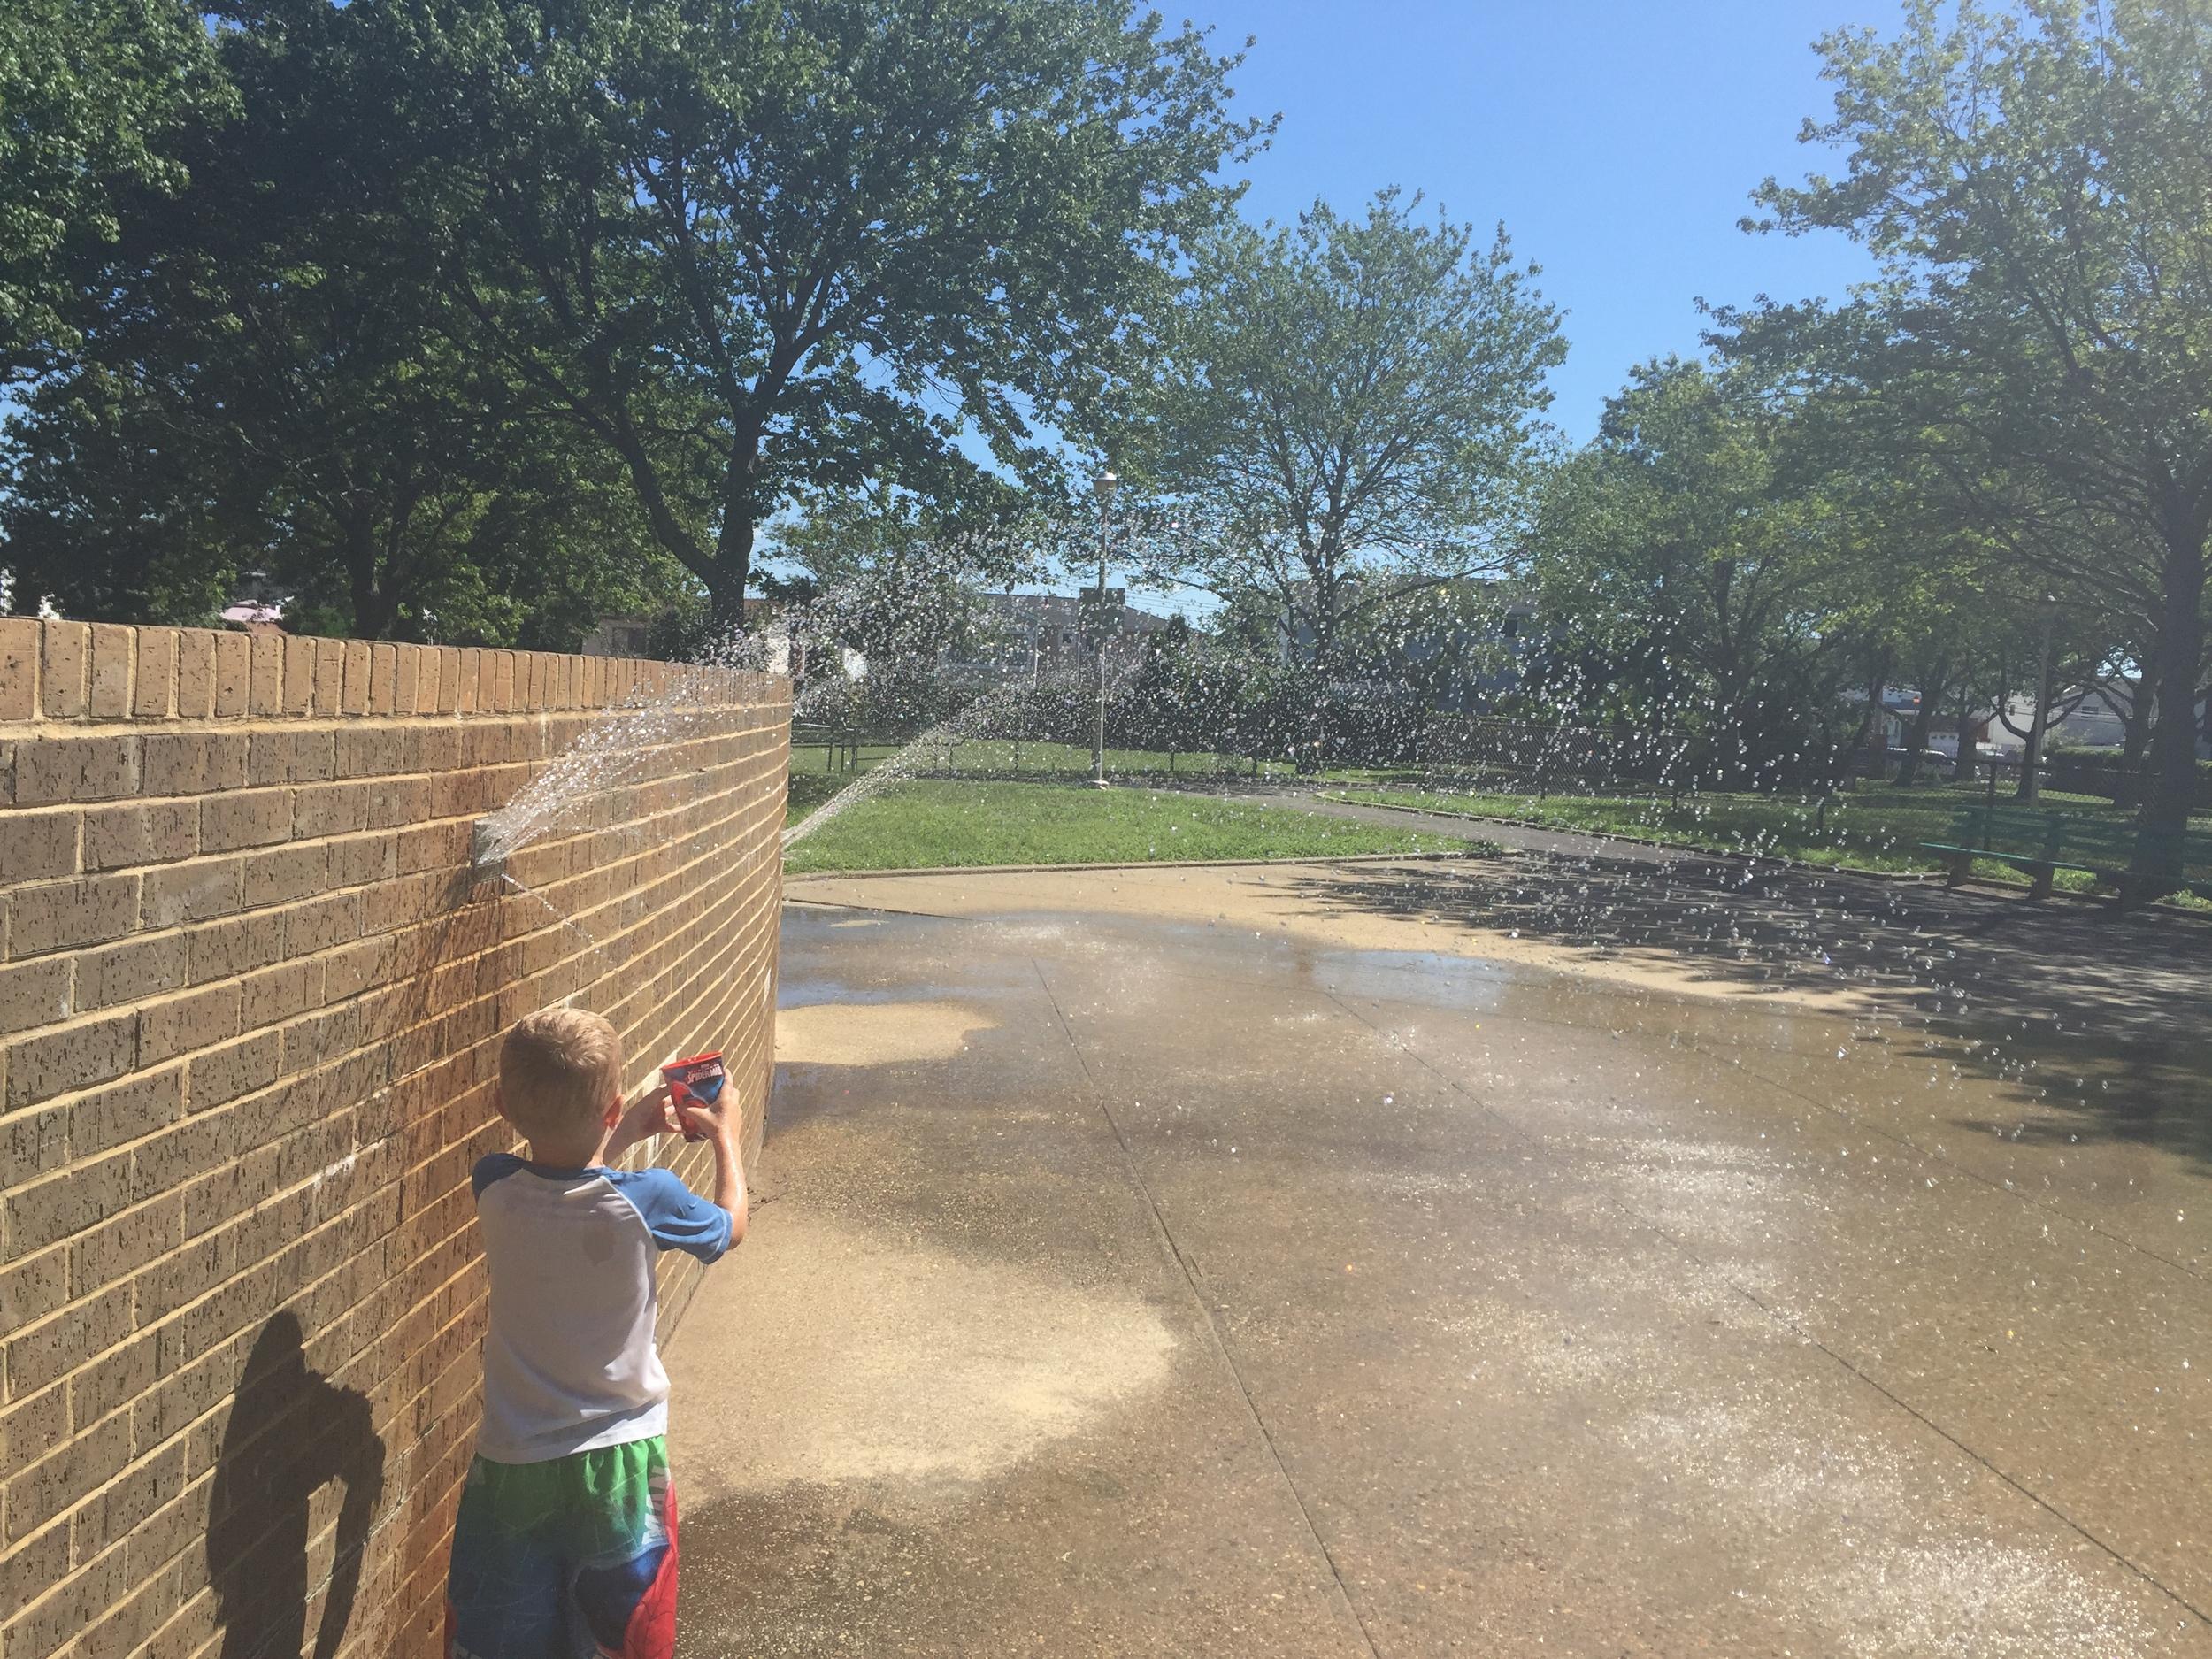 Sprinklers at Baldwin Park